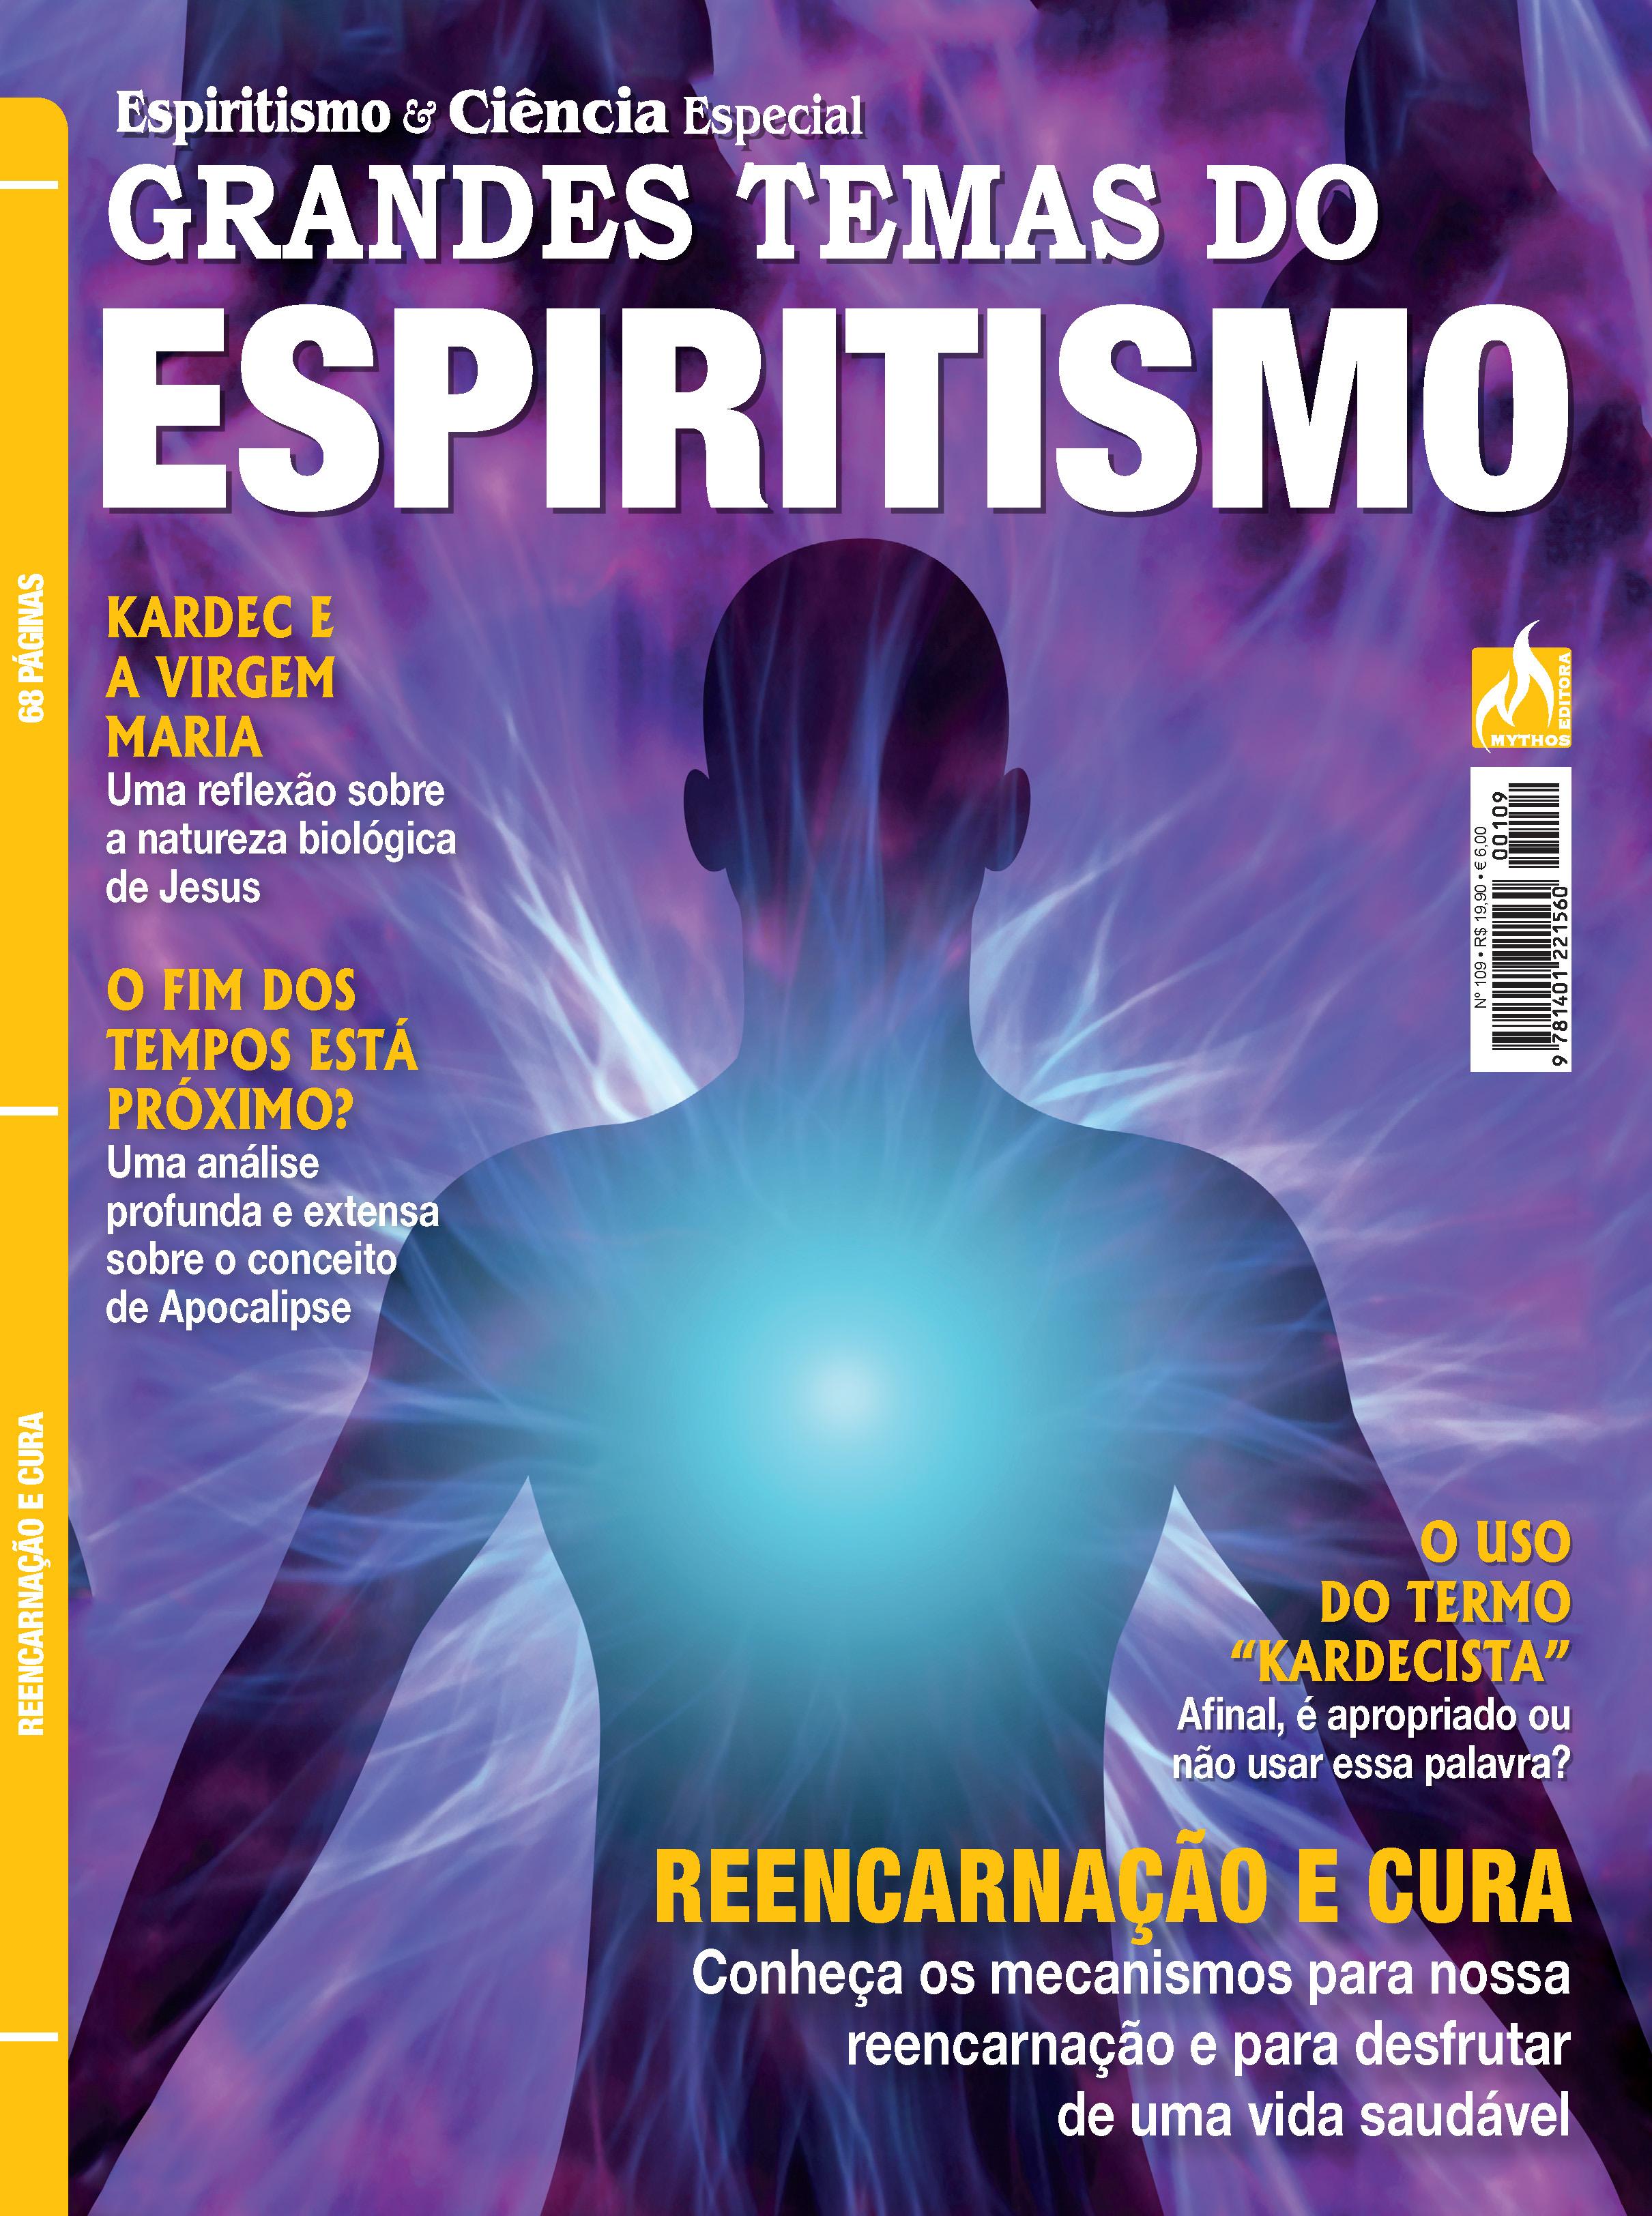 ESPIRITISMO & CIÊNCIA ESP Nº 109